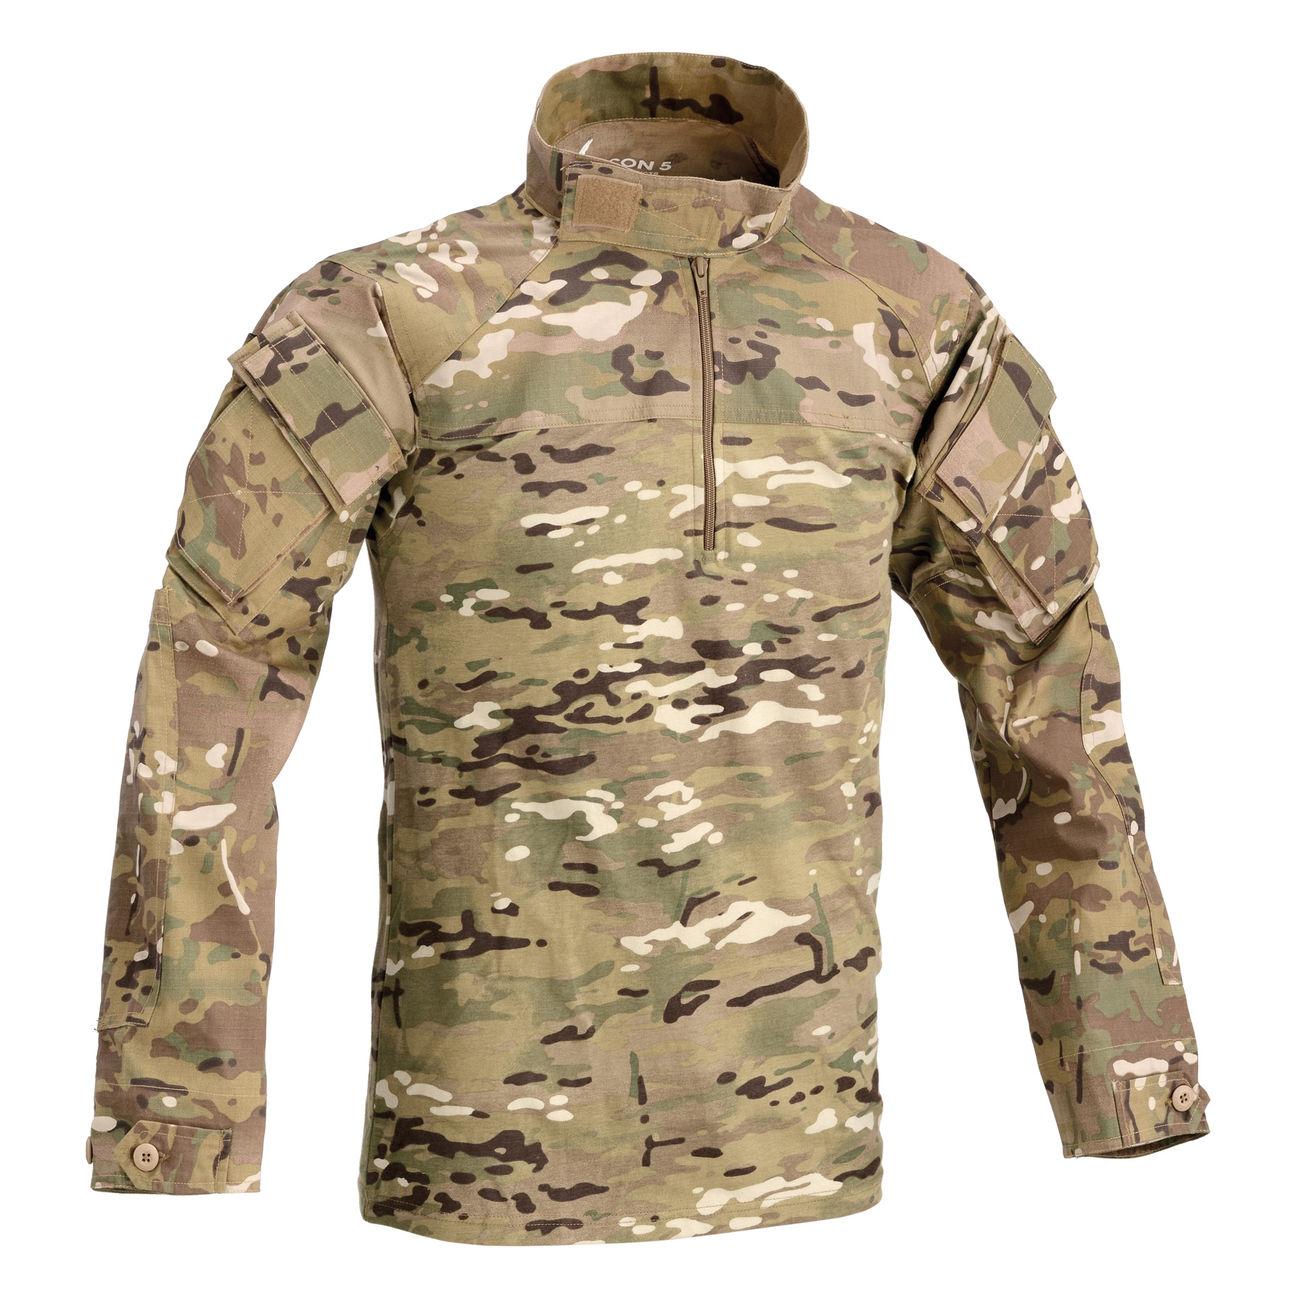 new arrival 6e355 42049 Defcon 5 Cool Combat Shirt multi camo